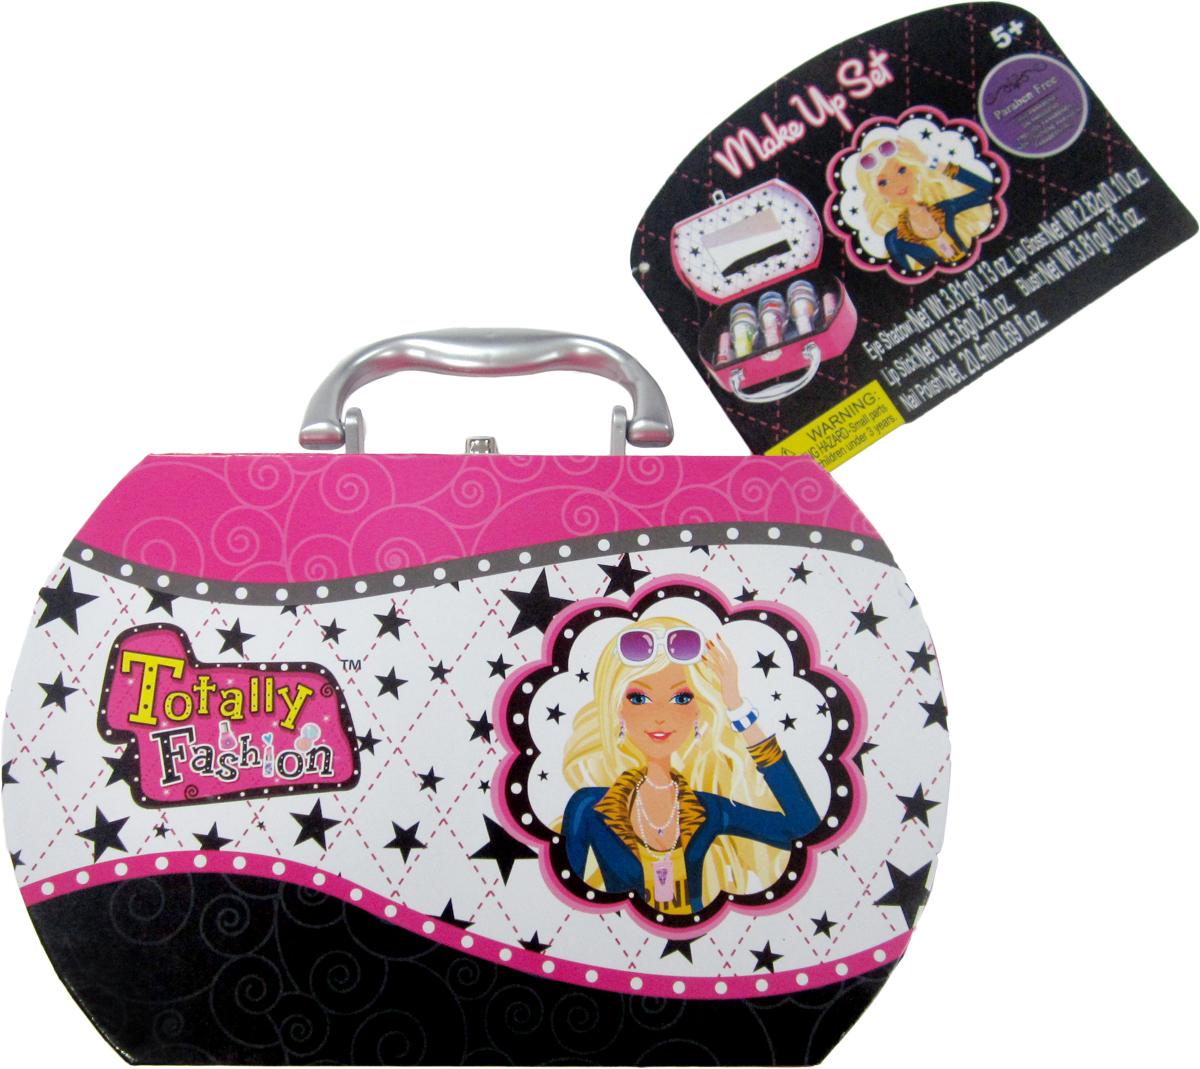 Totally Fashion Набор детской декоративной косметики ШкатулкаNL018-84714В наборе: помада для губ- 2 тона, тени для век- 3 тона,блеск для губ- 3 т она, лак для ногтей- три тона, Имеется ПАСПОРТ БЕЗОПАСНОСТИ МАТЕРИАЛА/ Макияж можно снять, с помощью ватного диска, используя средство для снятия макияжа или просто тёплой водой. Для снятия лака не нужны специальные средства: лак постепенно смывается водой, при мытье рук в течение 2-х дней, или же его можно удалить с помощью детского масла.Детская косметика помогает девочкам почувствовать себя взрослыми. Она может стать частью практически любой девичьей игры: поход в магазин, дочки-матери, игра в стилиста, визажиста. С данным набором можно не только играть, но и использовать по особым случаям (День рождение, утренник, выступление). После того, как косметика закончится, в небольшой шкатулочке можно будет хранить резиночки, заколочки, бижутерию.